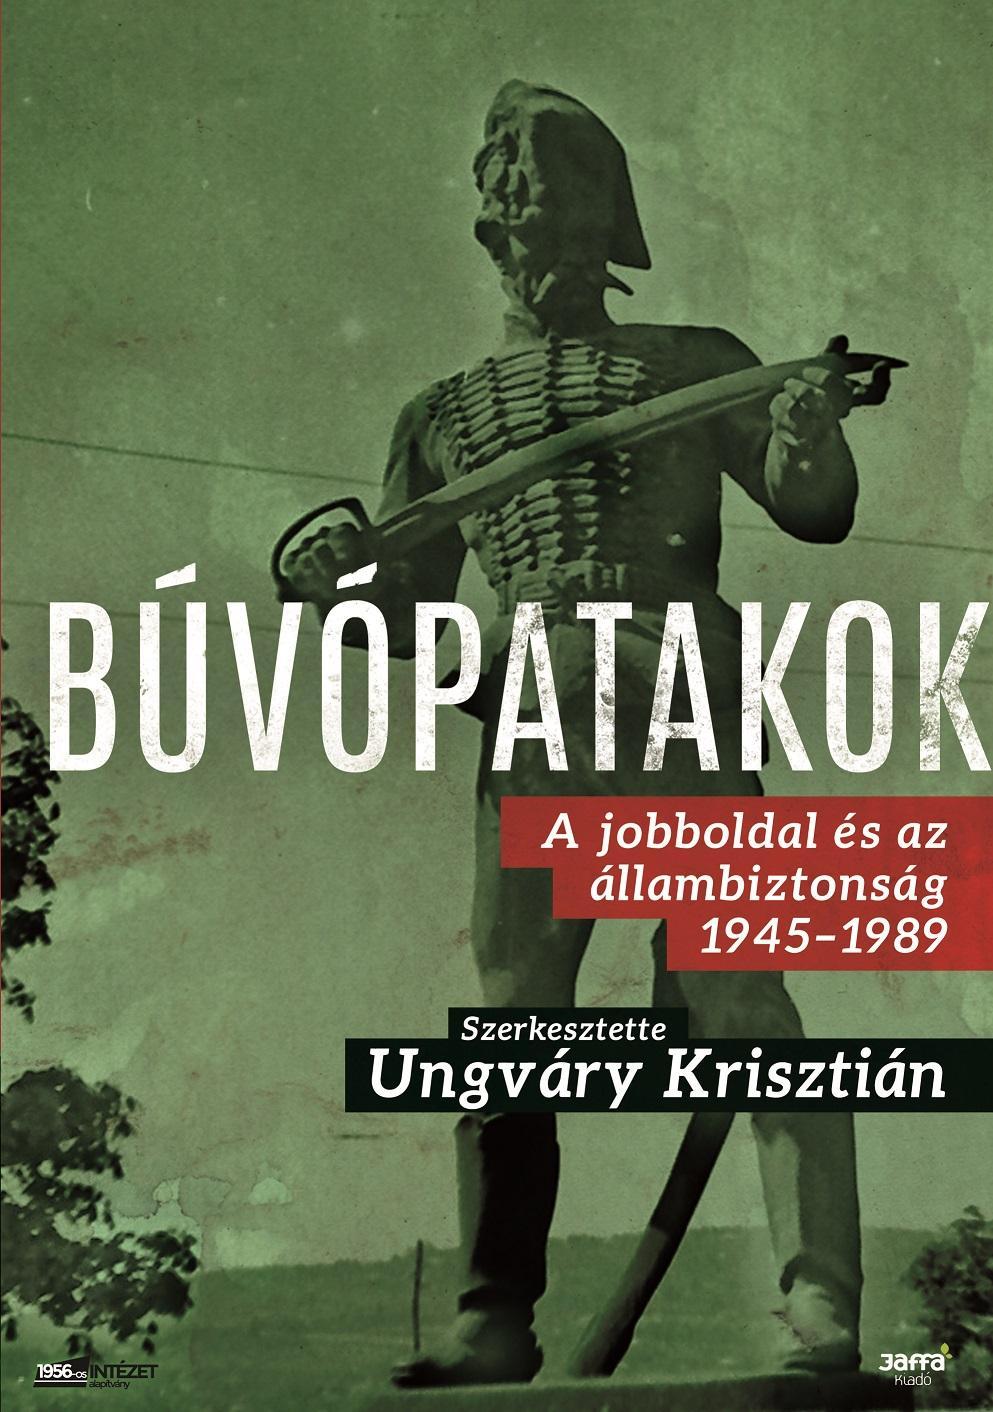 BÚVÓPATAKOK - A JOBBOLDAL ÉS AZ ÁLLAMBIZTONSÁG 1945-1989